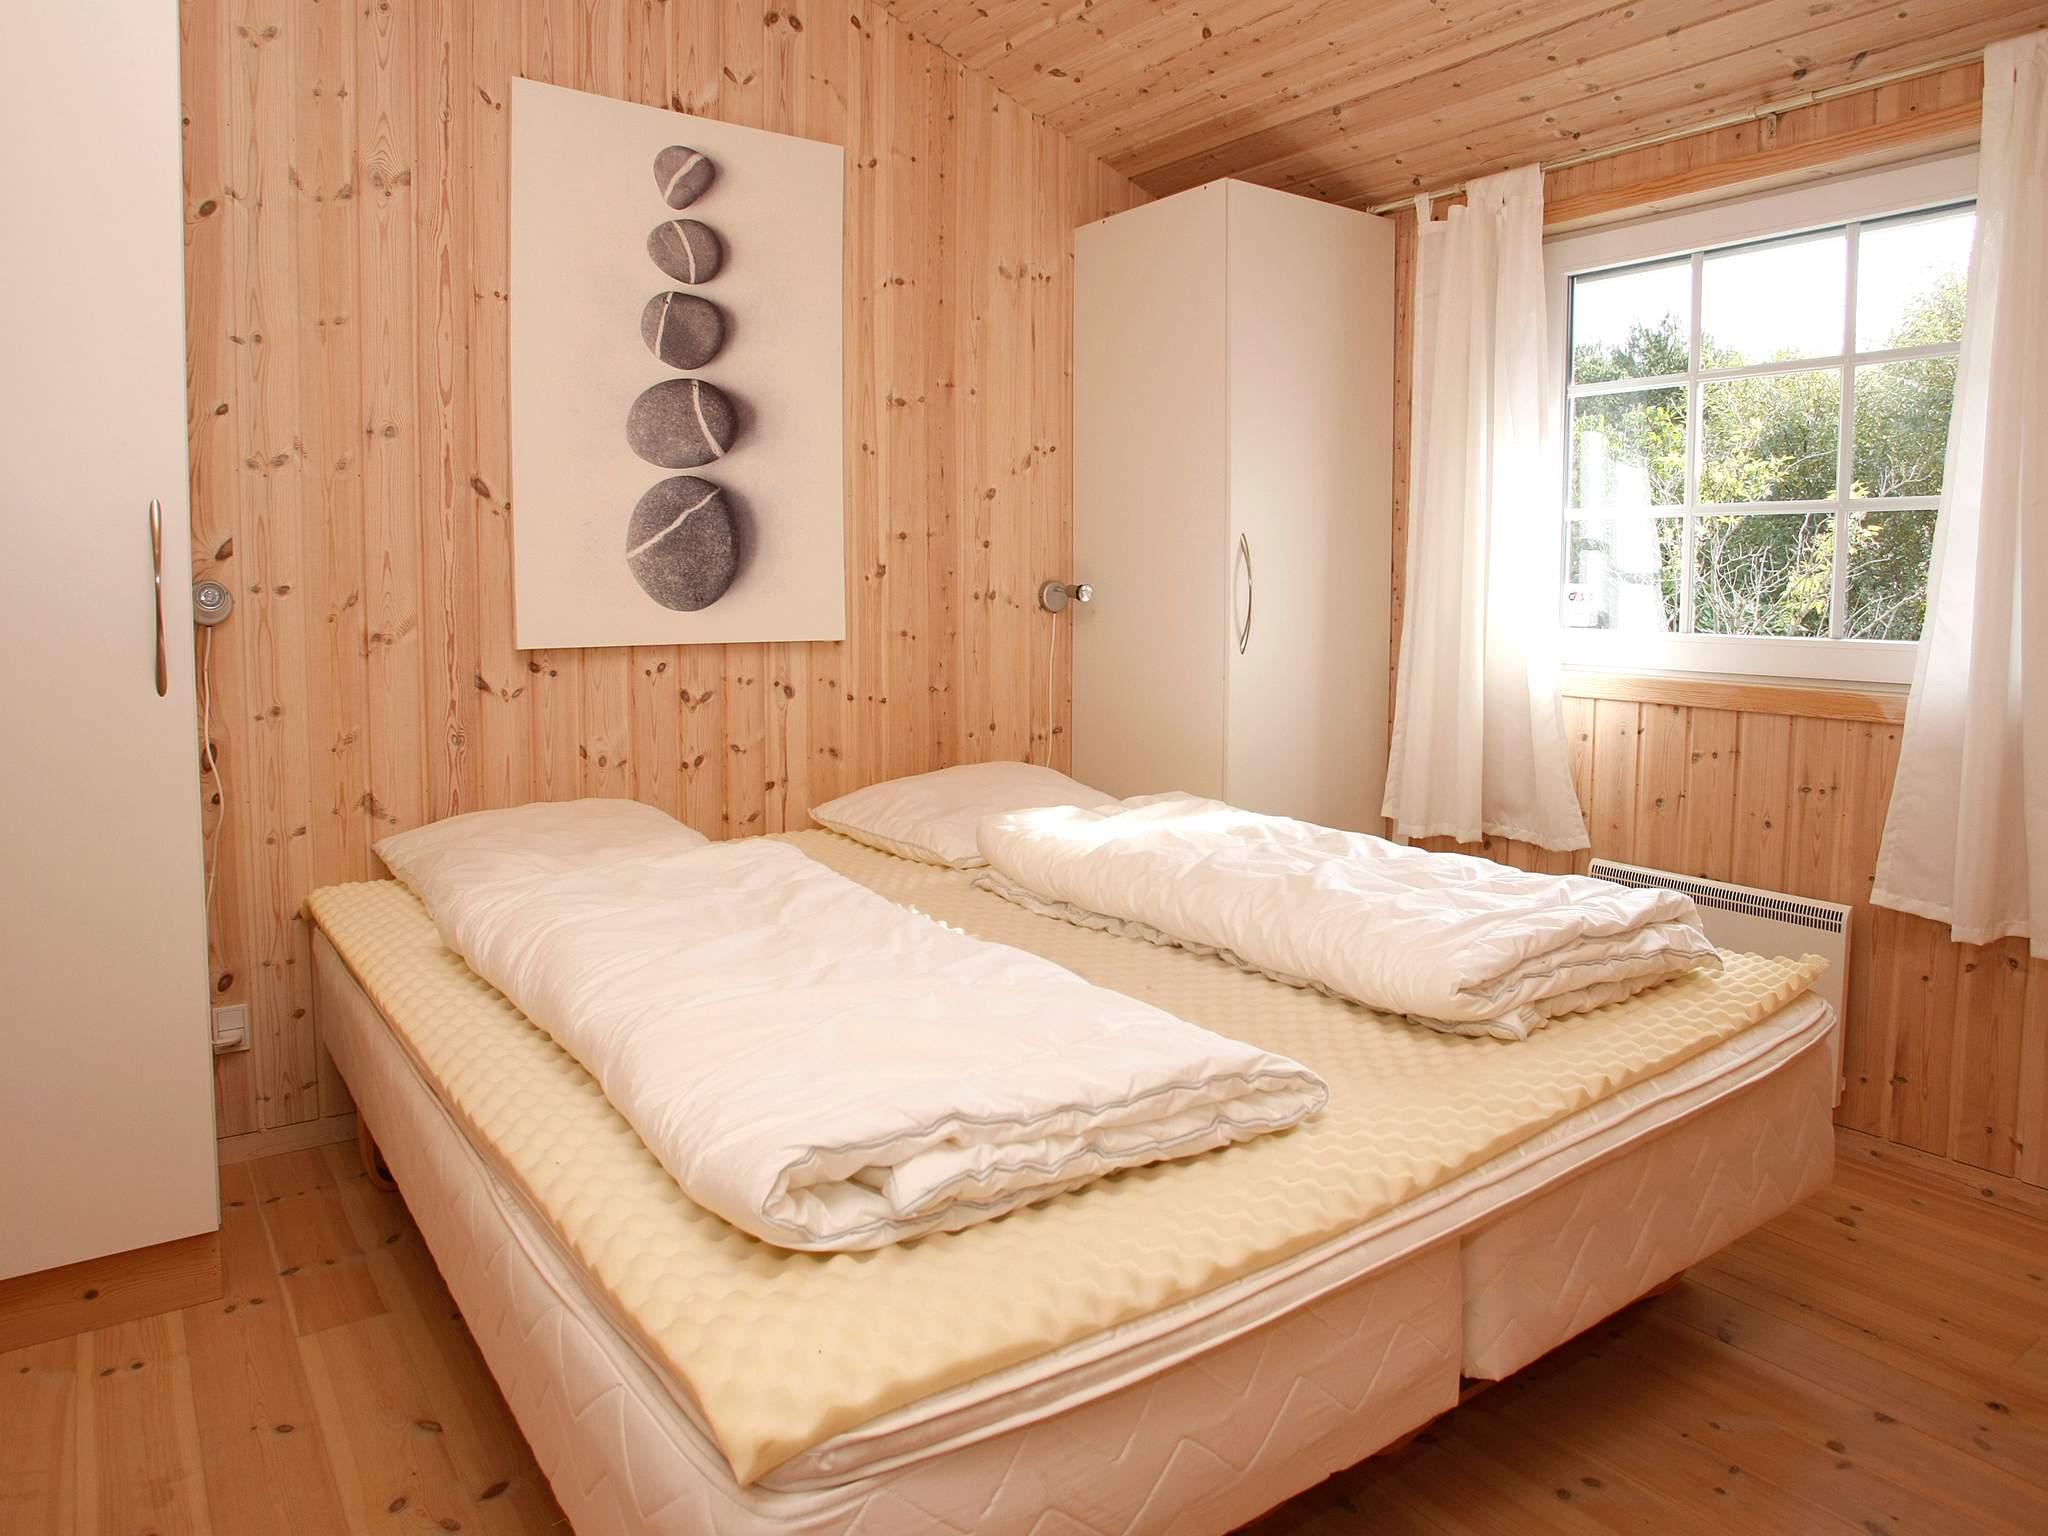 Ferienhaus Lyngså (88139), Lyngså, , Nordostjütland, Dänemark, Bild 9